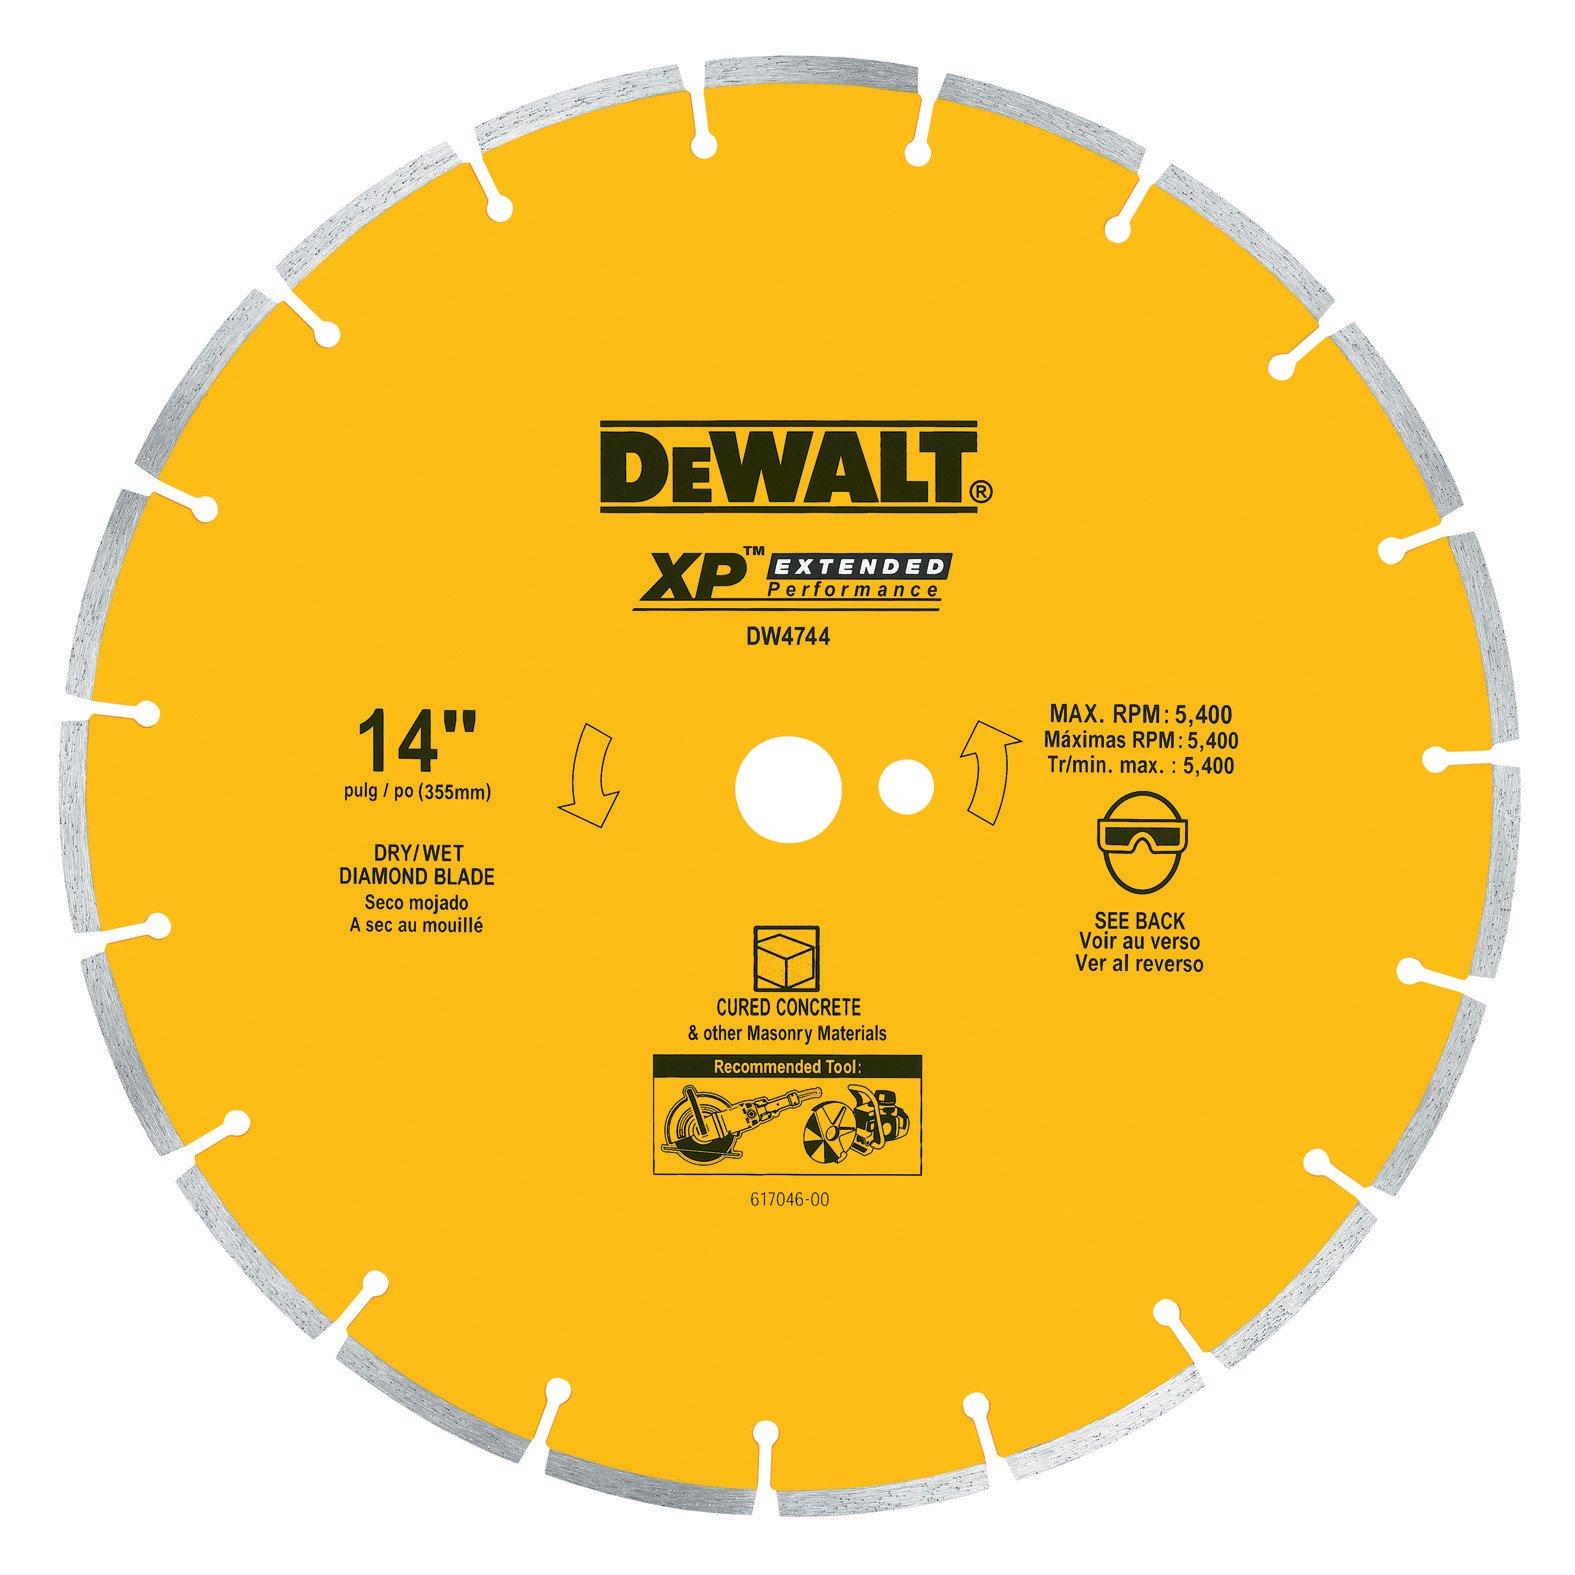 Disco de Diamante DEWALT DW4744 segmentado de 14 pulg. con eje de 1 pulgada para concreto curado